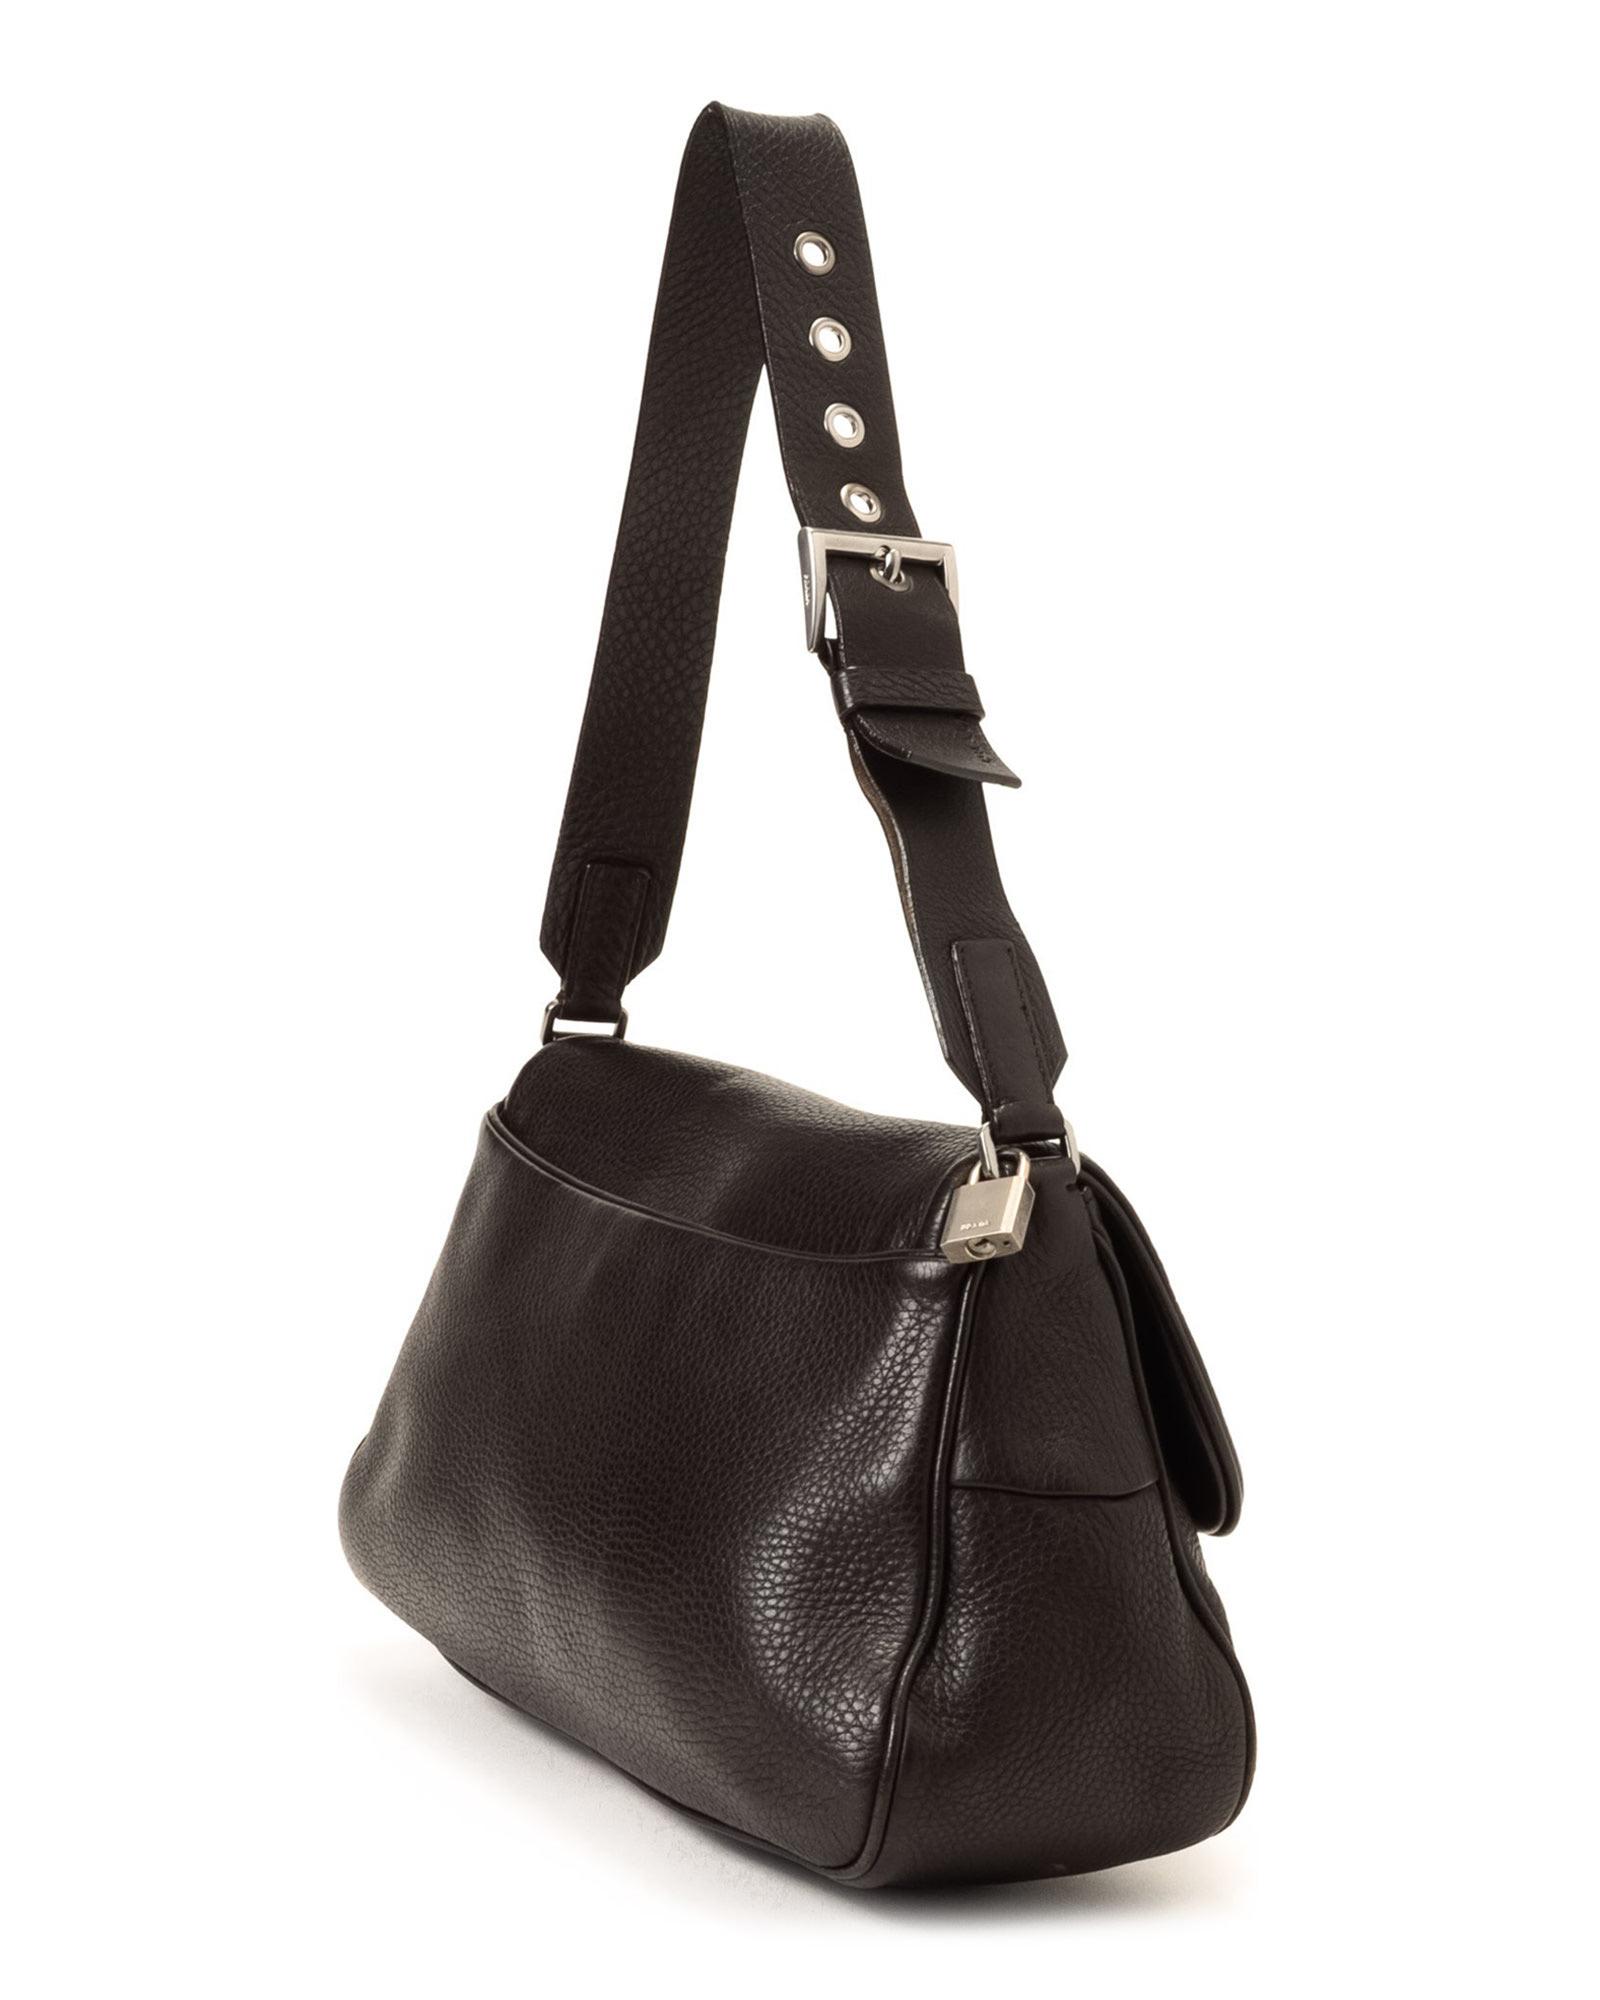 prada saffiano bag price - prada brown clutch bag